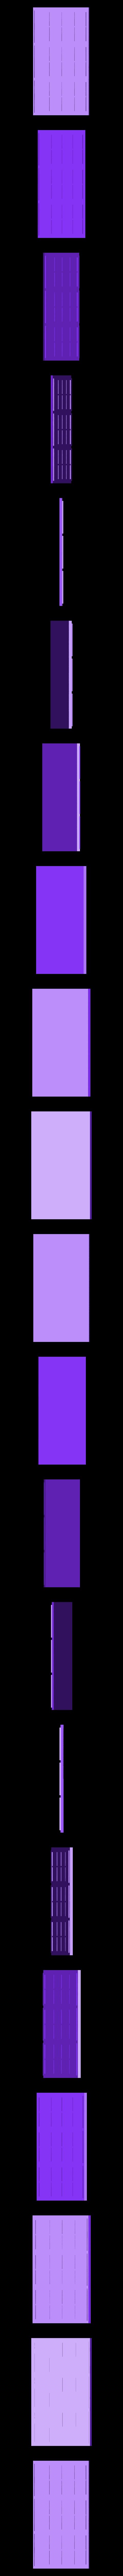 roof_panel2.stl Télécharger fichier STL gratuit Ripper's London - The (Modular) Factory • Modèle pour imprimante 3D, Earsling